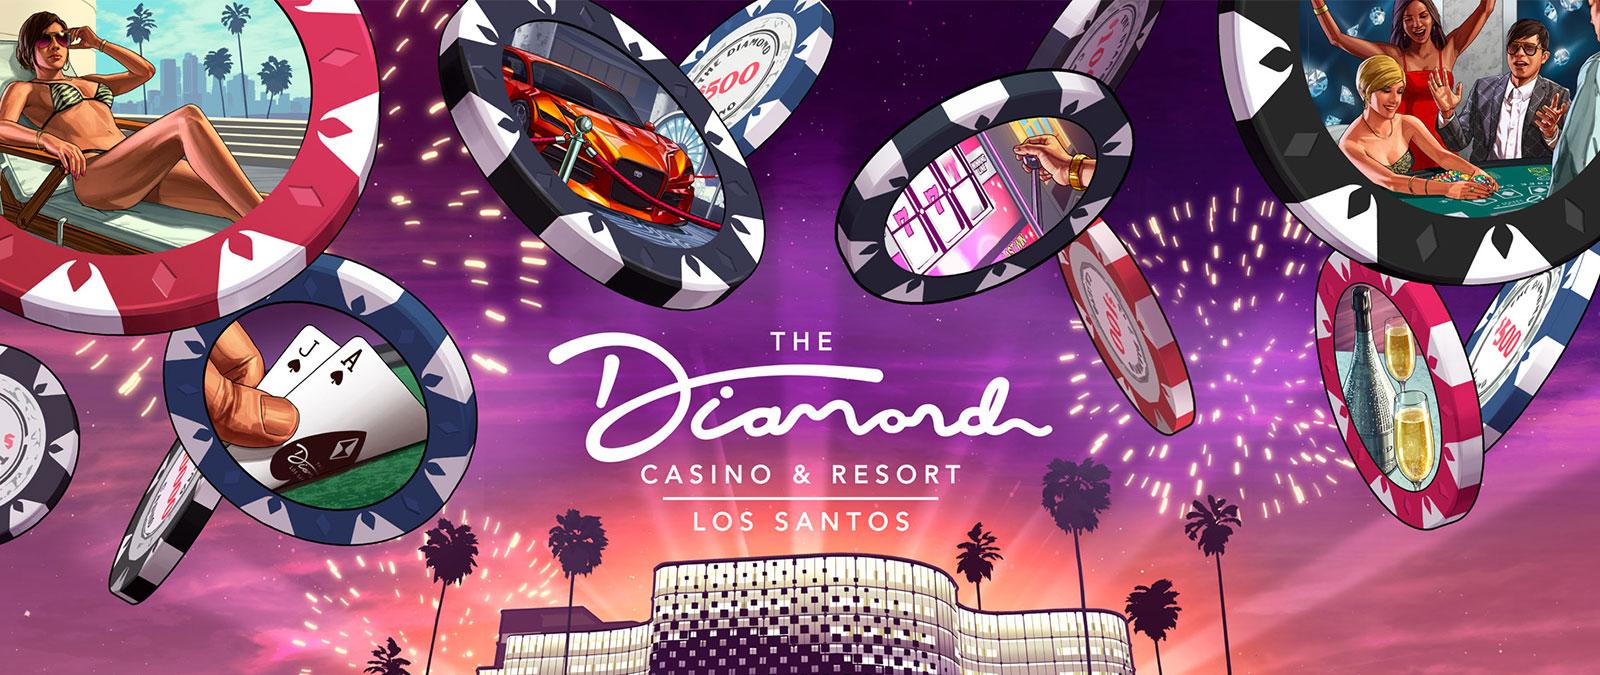 Logotipo de Diamond Casino & Resort, Los Santos, vista frontal de un edificio con palmeras, juegos artificiales y fichas de casino cayendo con distintas imágenes